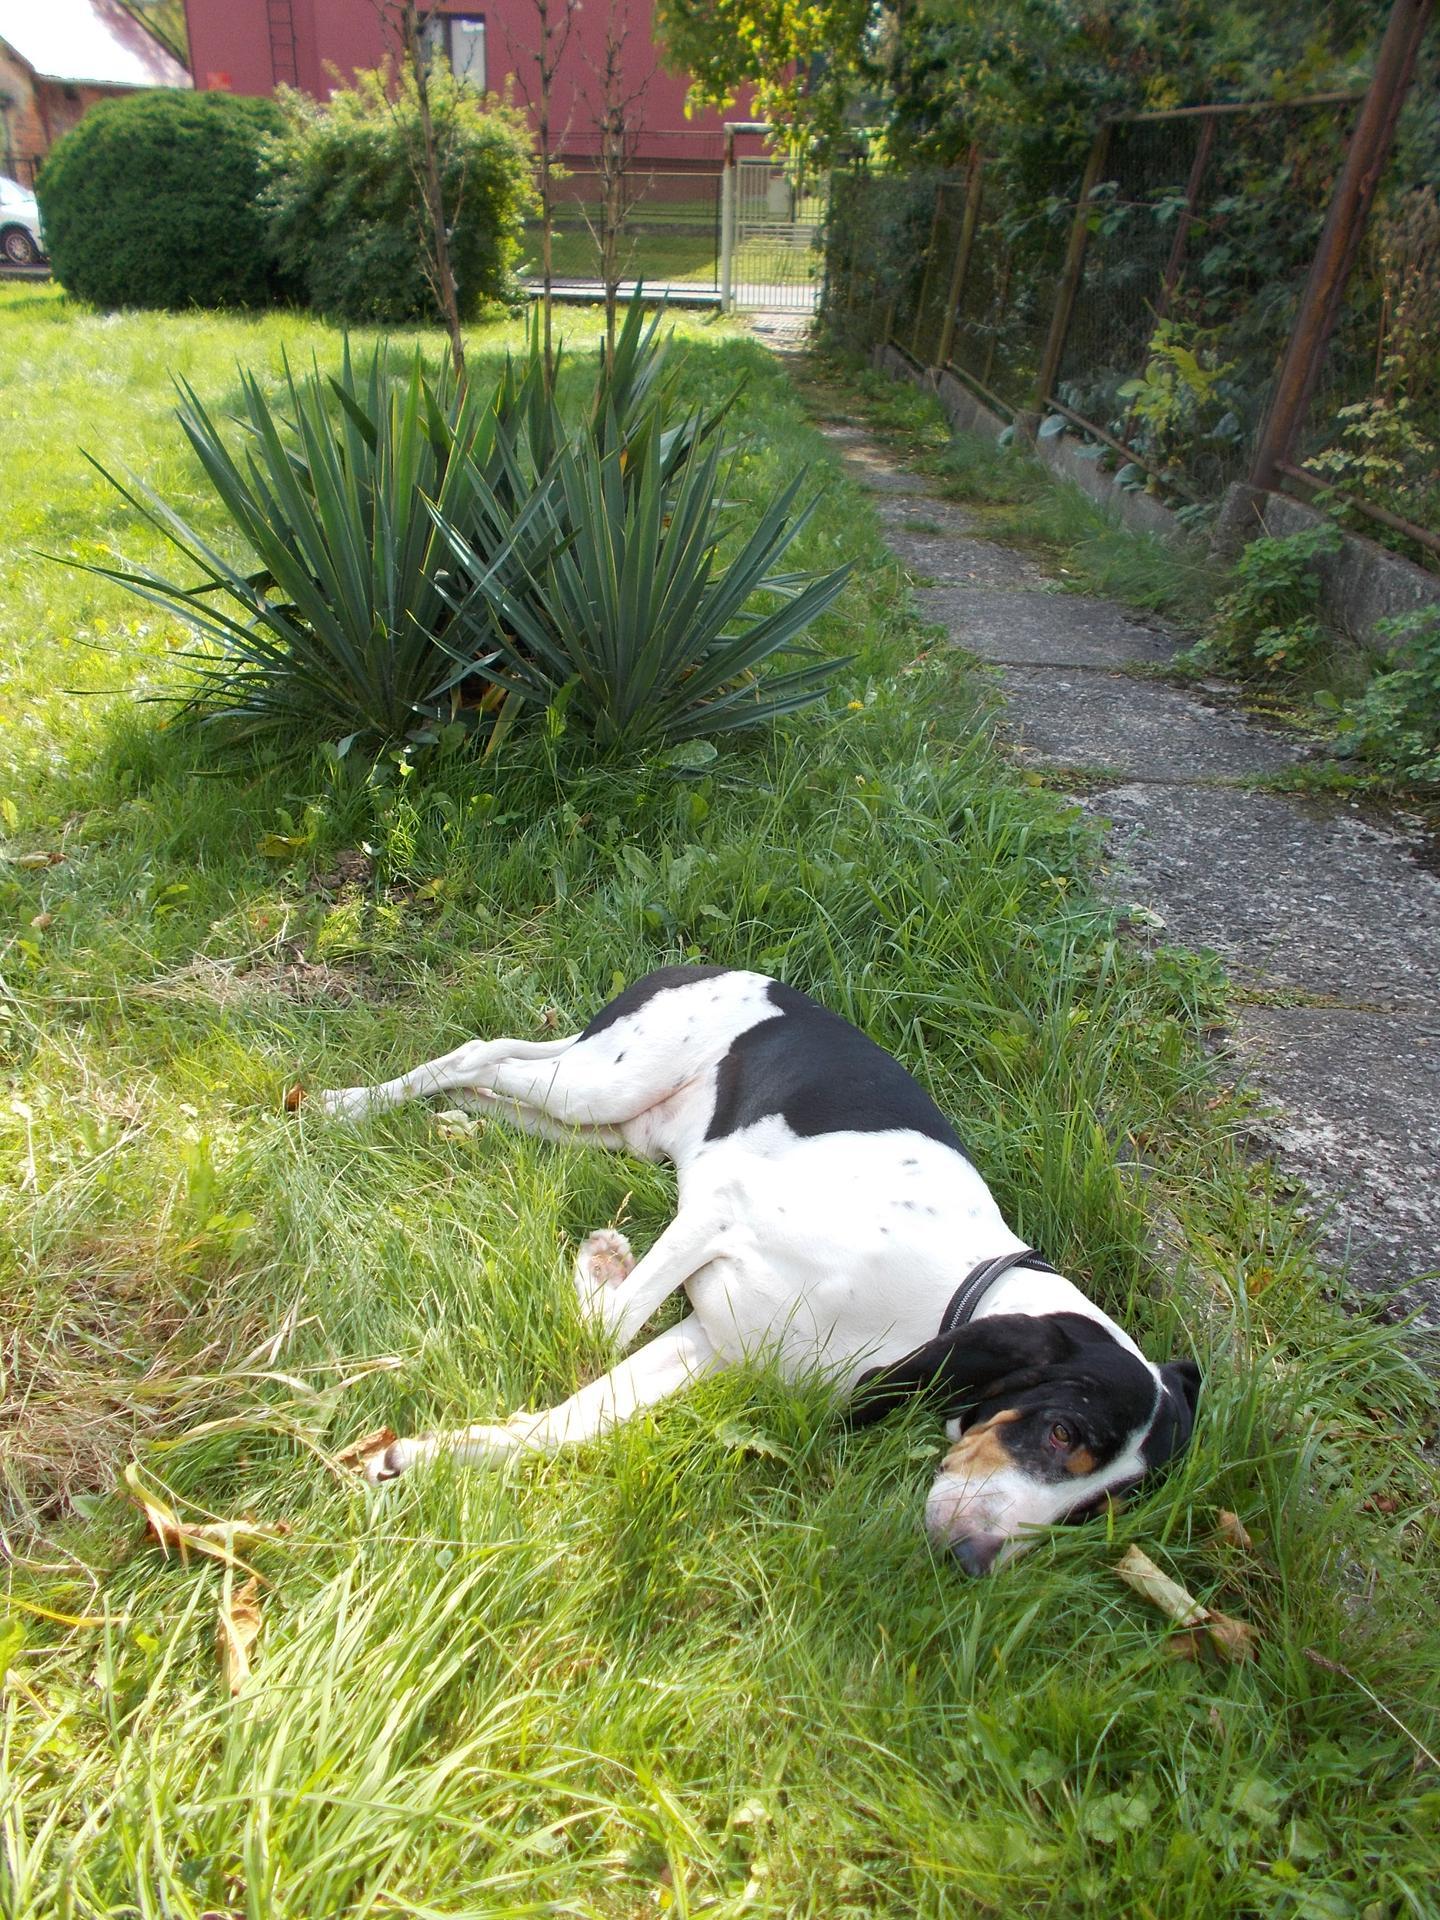 Letní trvalkový medonosný záhon - Psa budu muset naučit ležet někde jinde. :-D